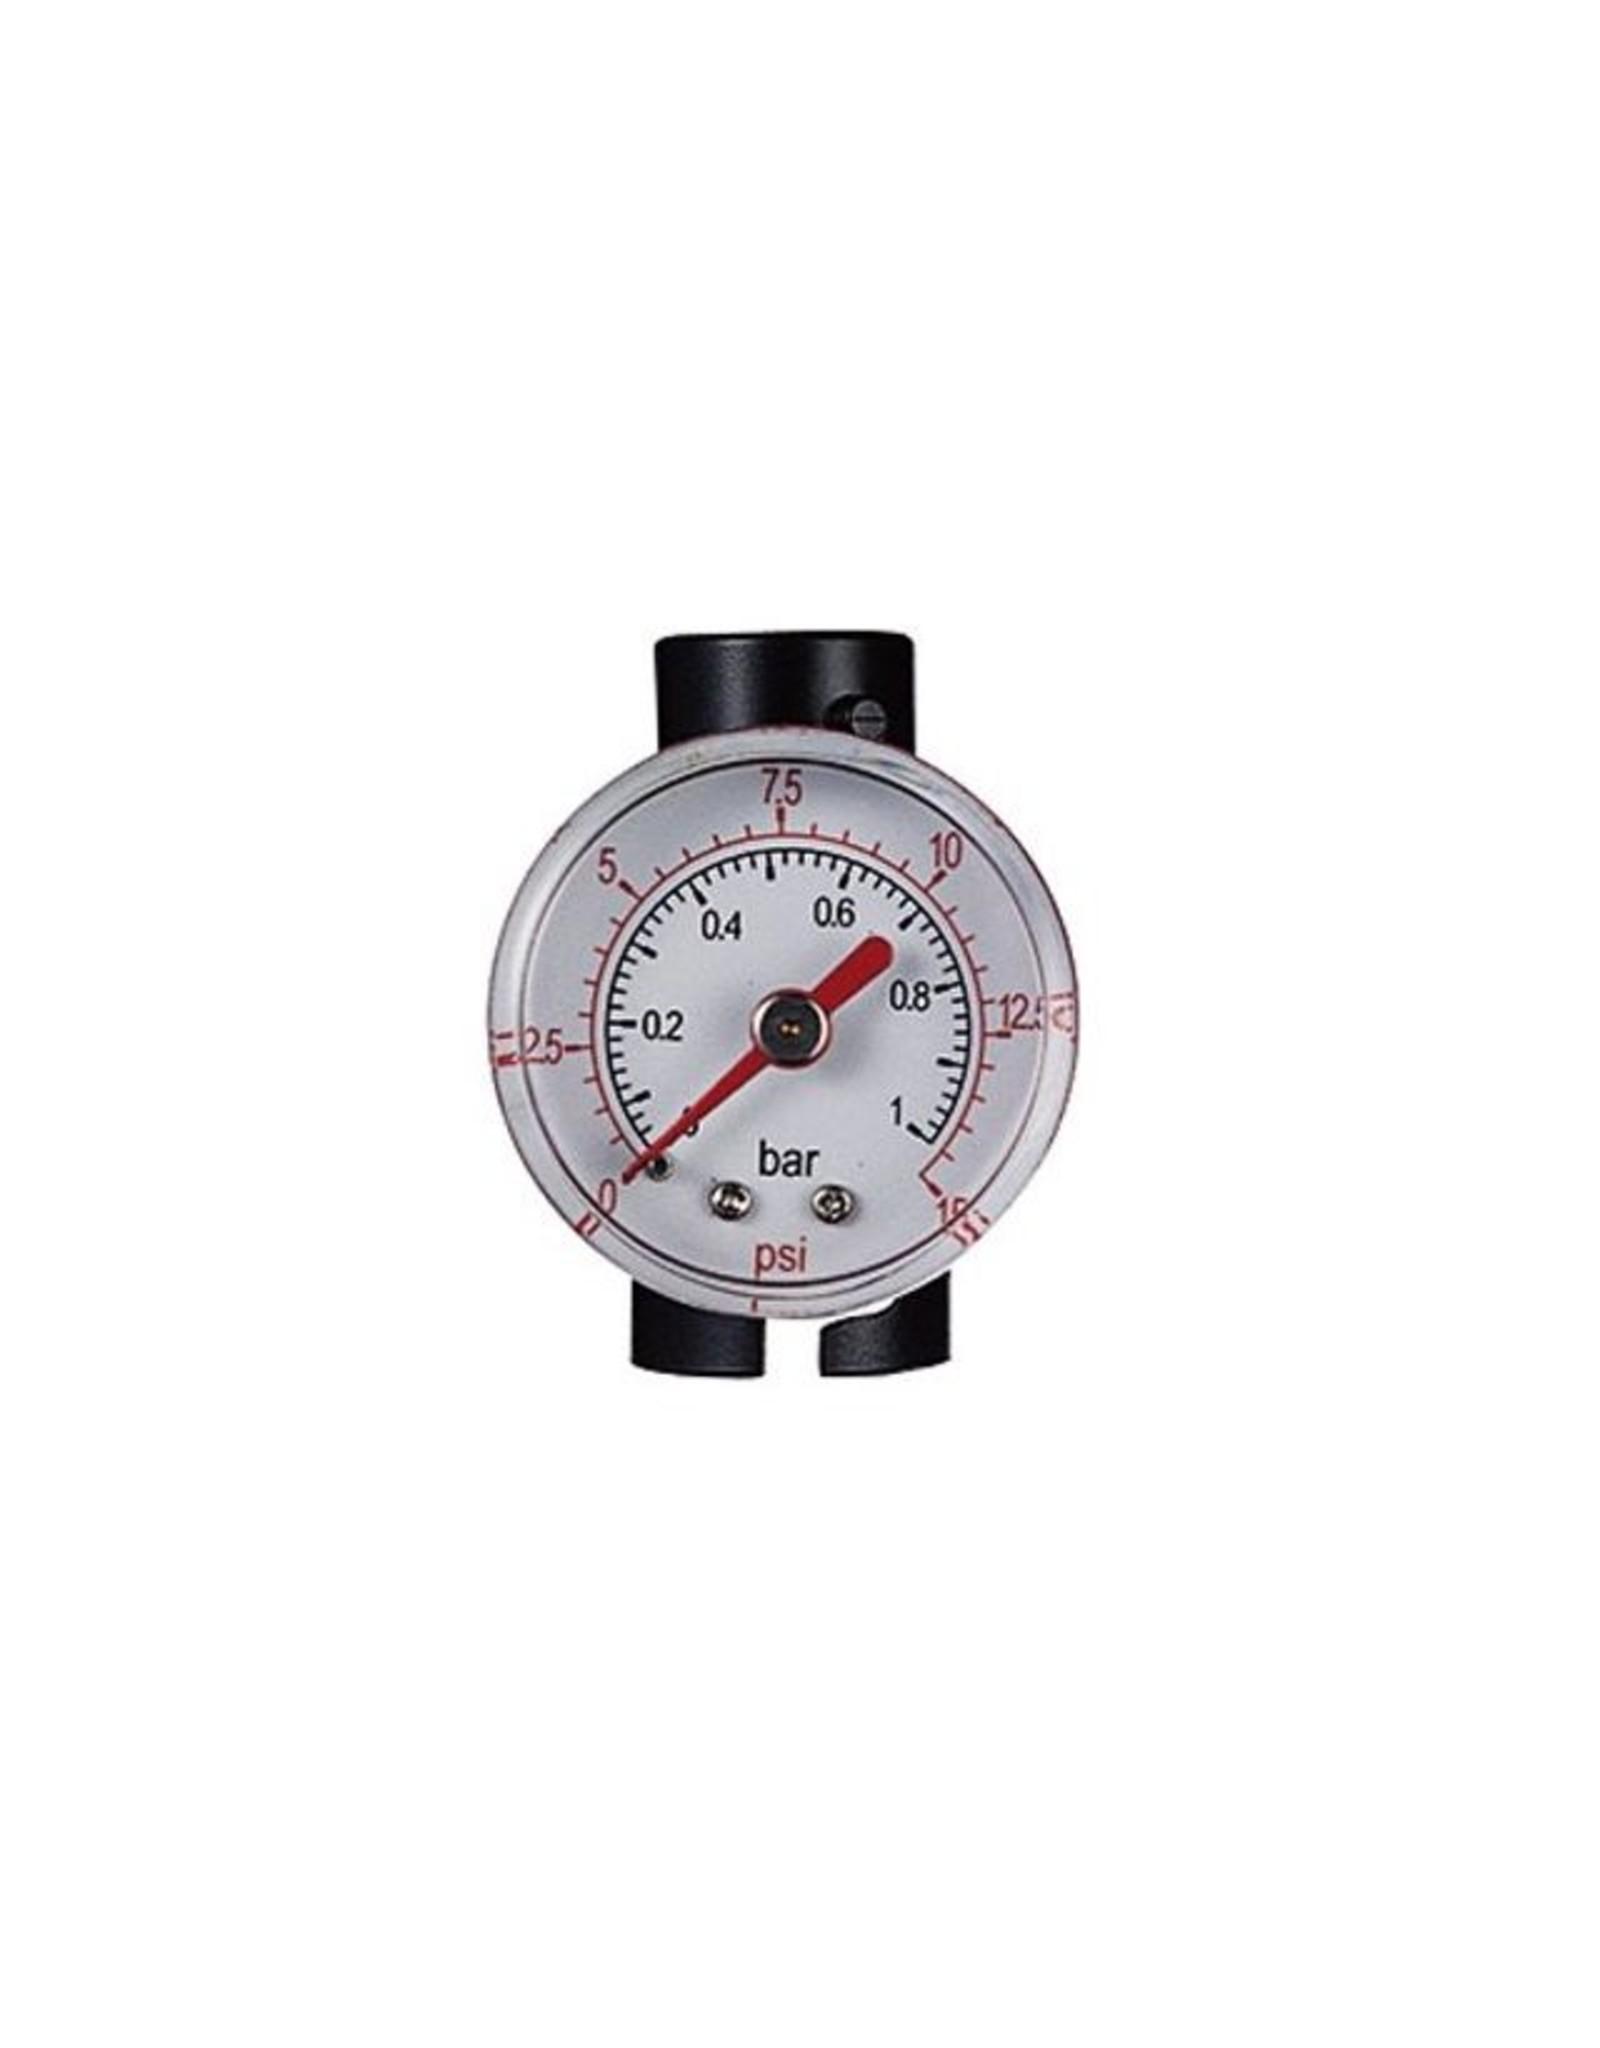 Quicksilver Quicksilver manometer